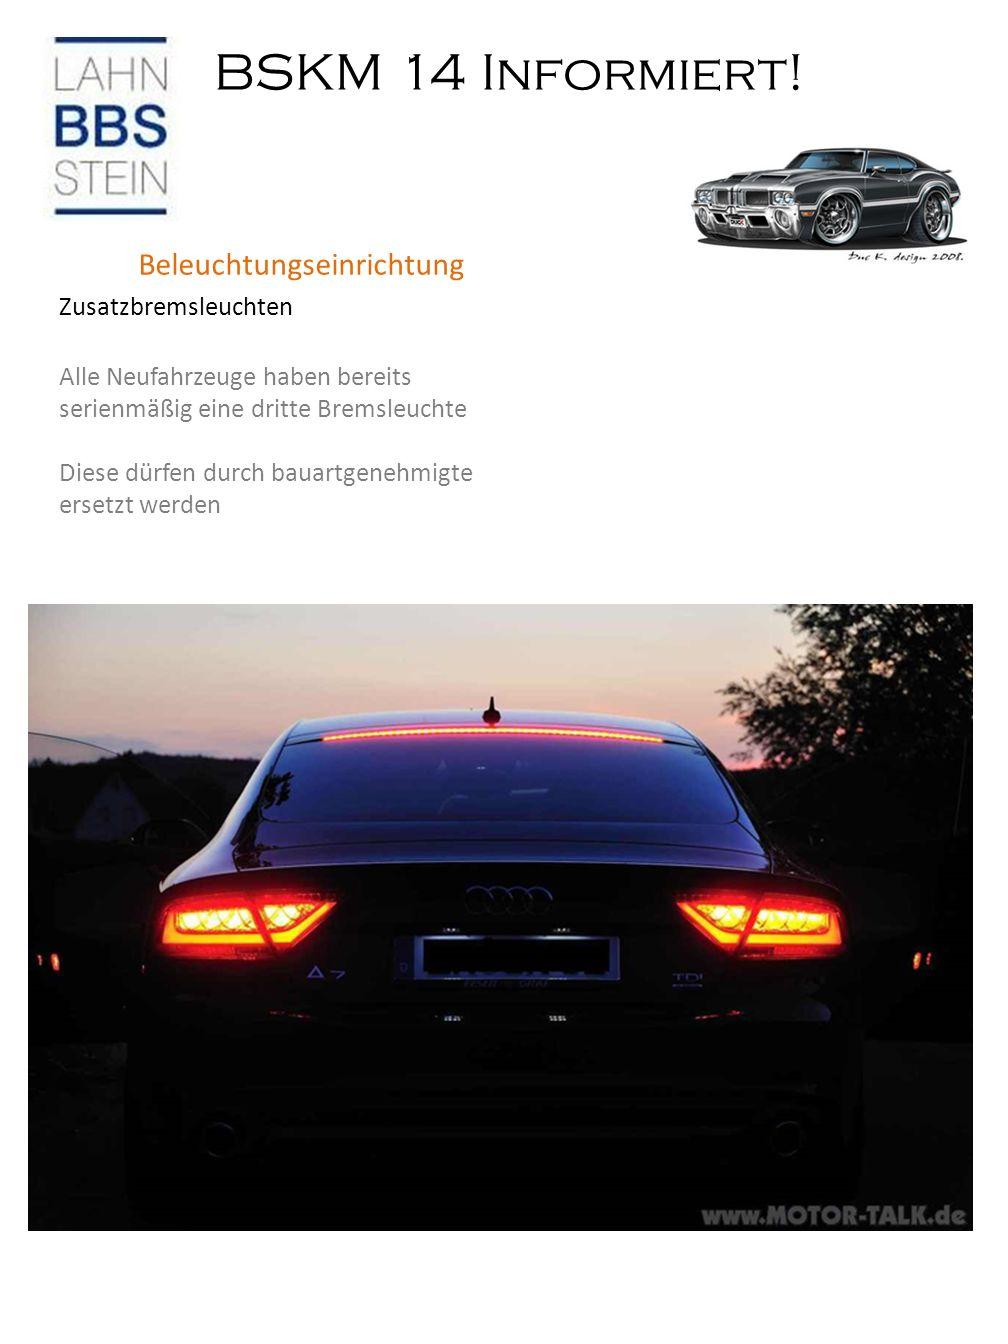 BSKM 14 Informiert! Bremsflüssigkeit Beleuchtungseinrichtung Zusatzbremsleuchten Alle Neufahrzeuge haben bereits serienmäßig eine dritte Bremsleuchte